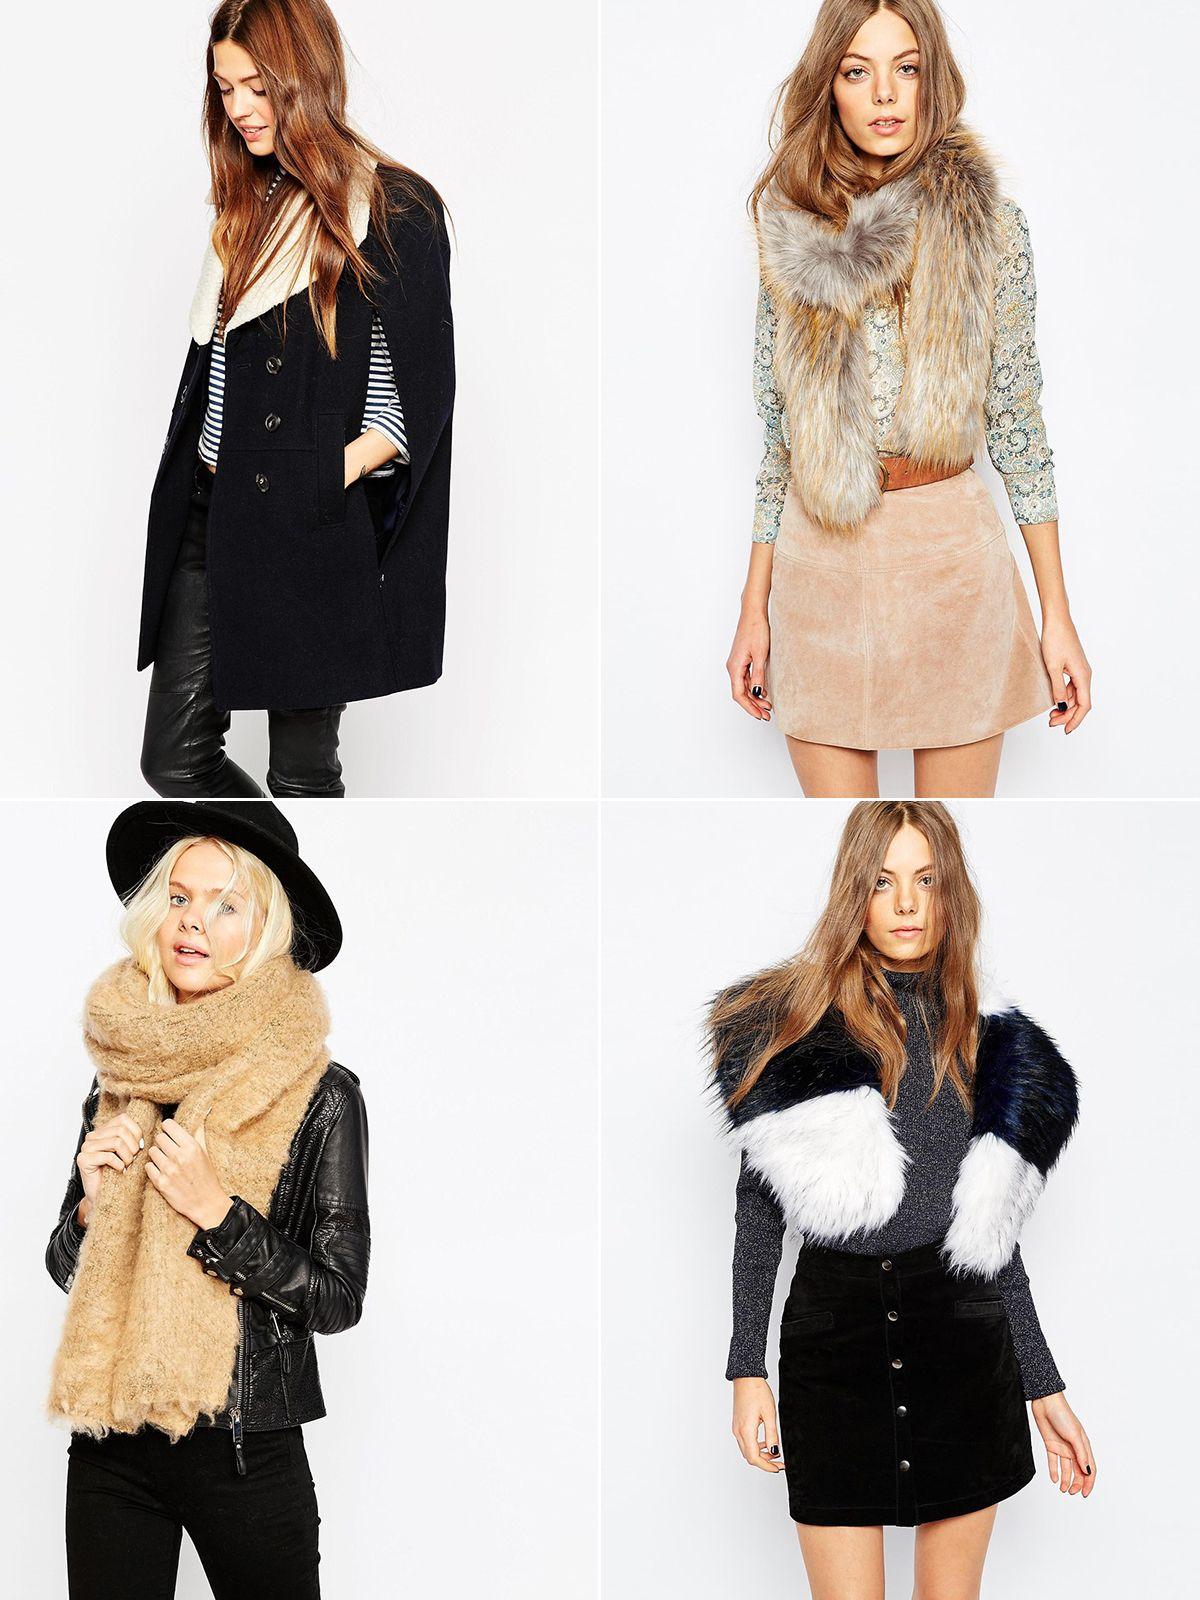 Mijn huidige ASOS wishlist (fashion, accessoires & beauty)